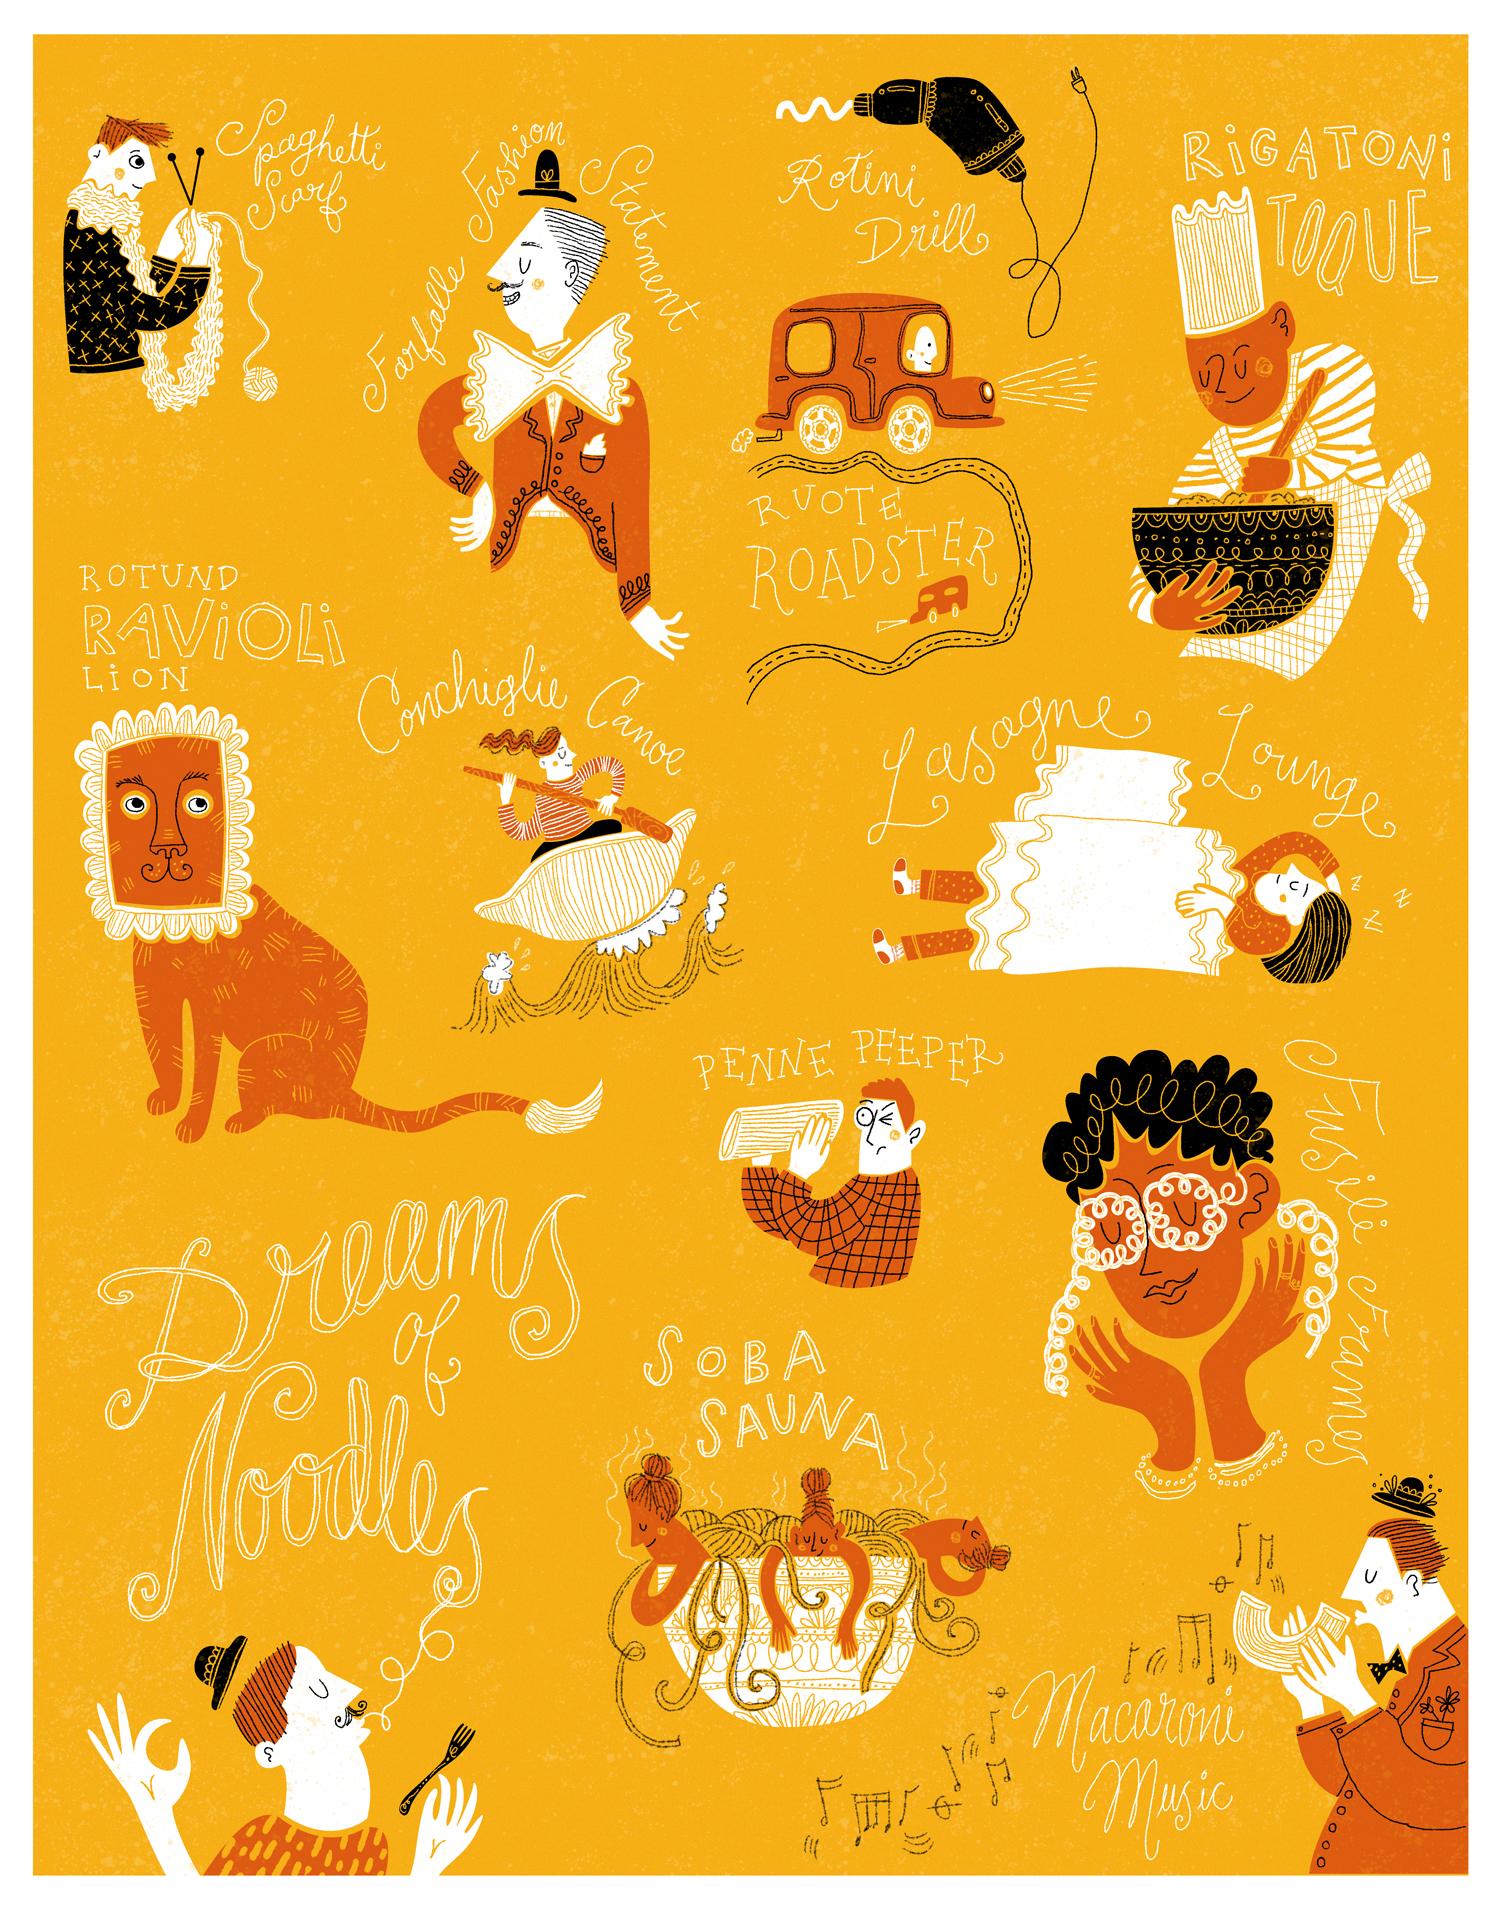 noodles-poster.jpg